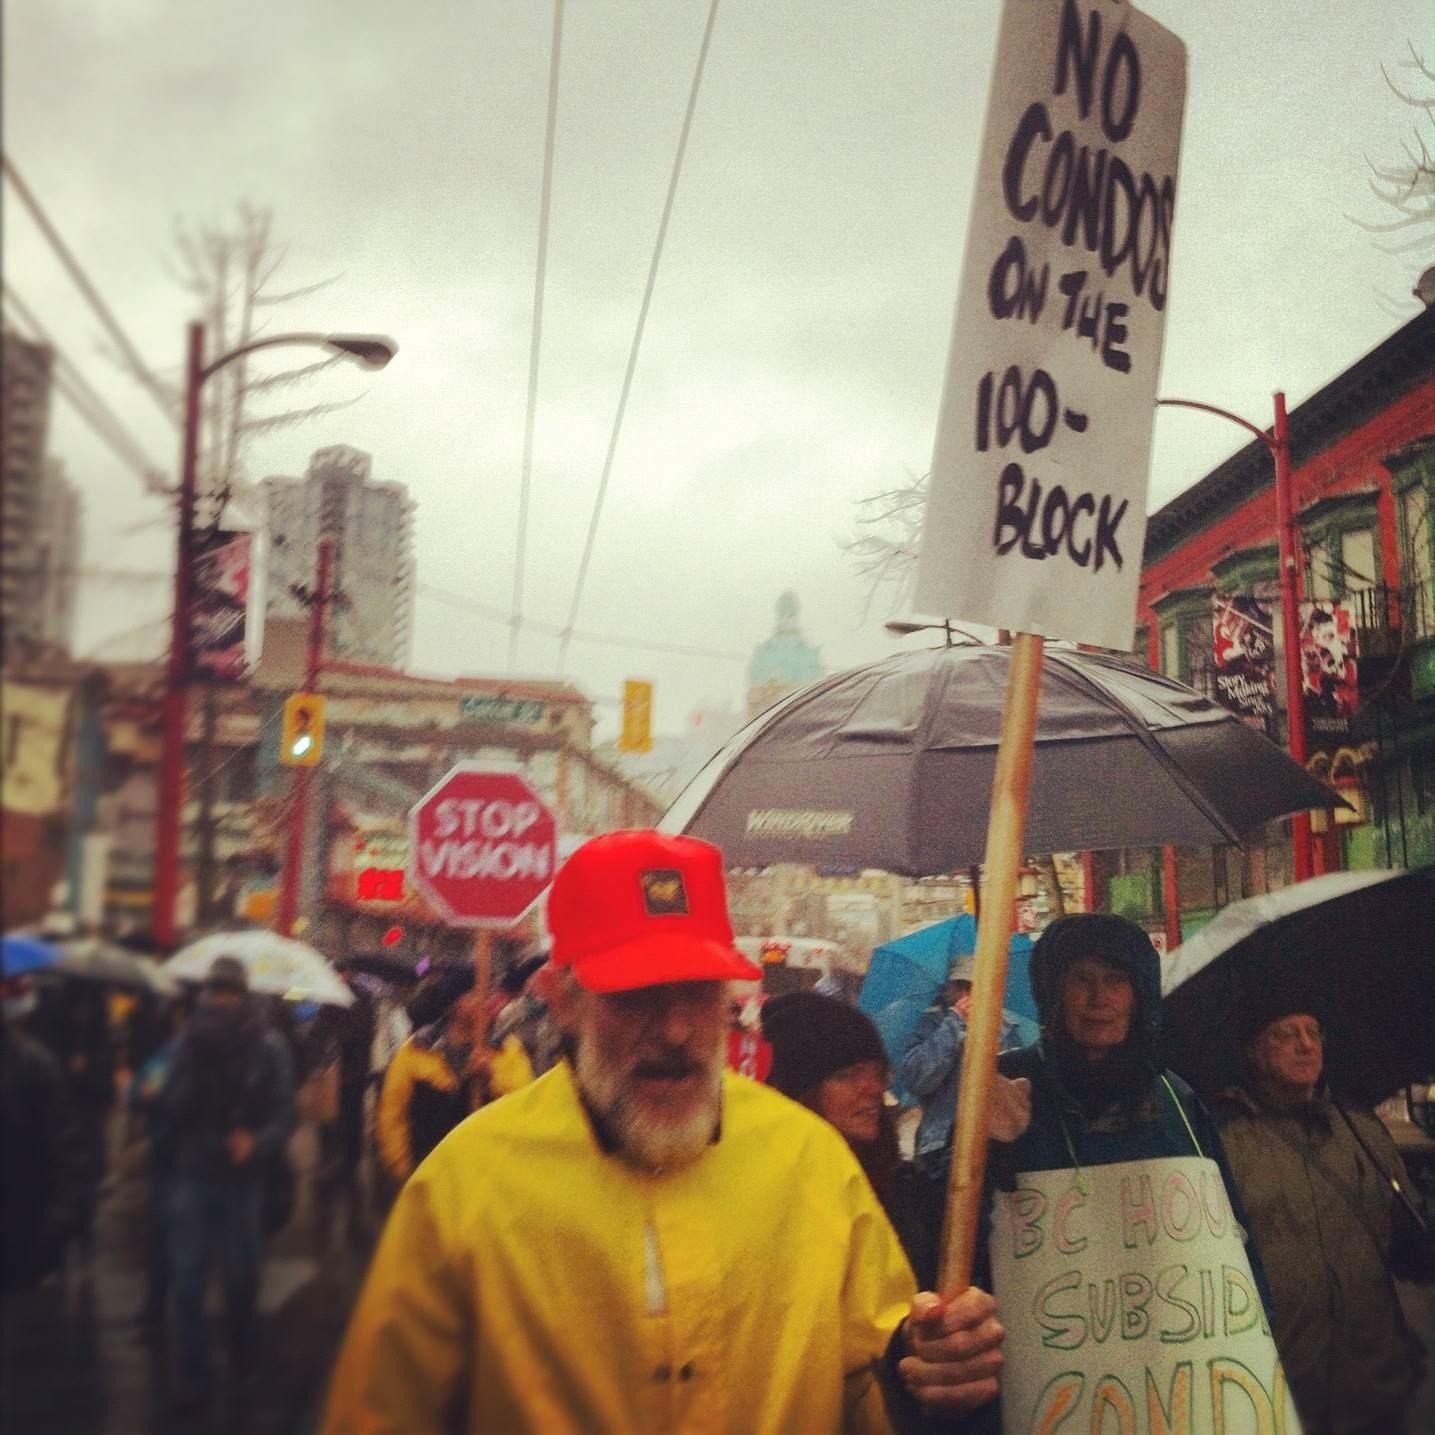 Dec 11 - BCHousing_Sequel protest - photo 1